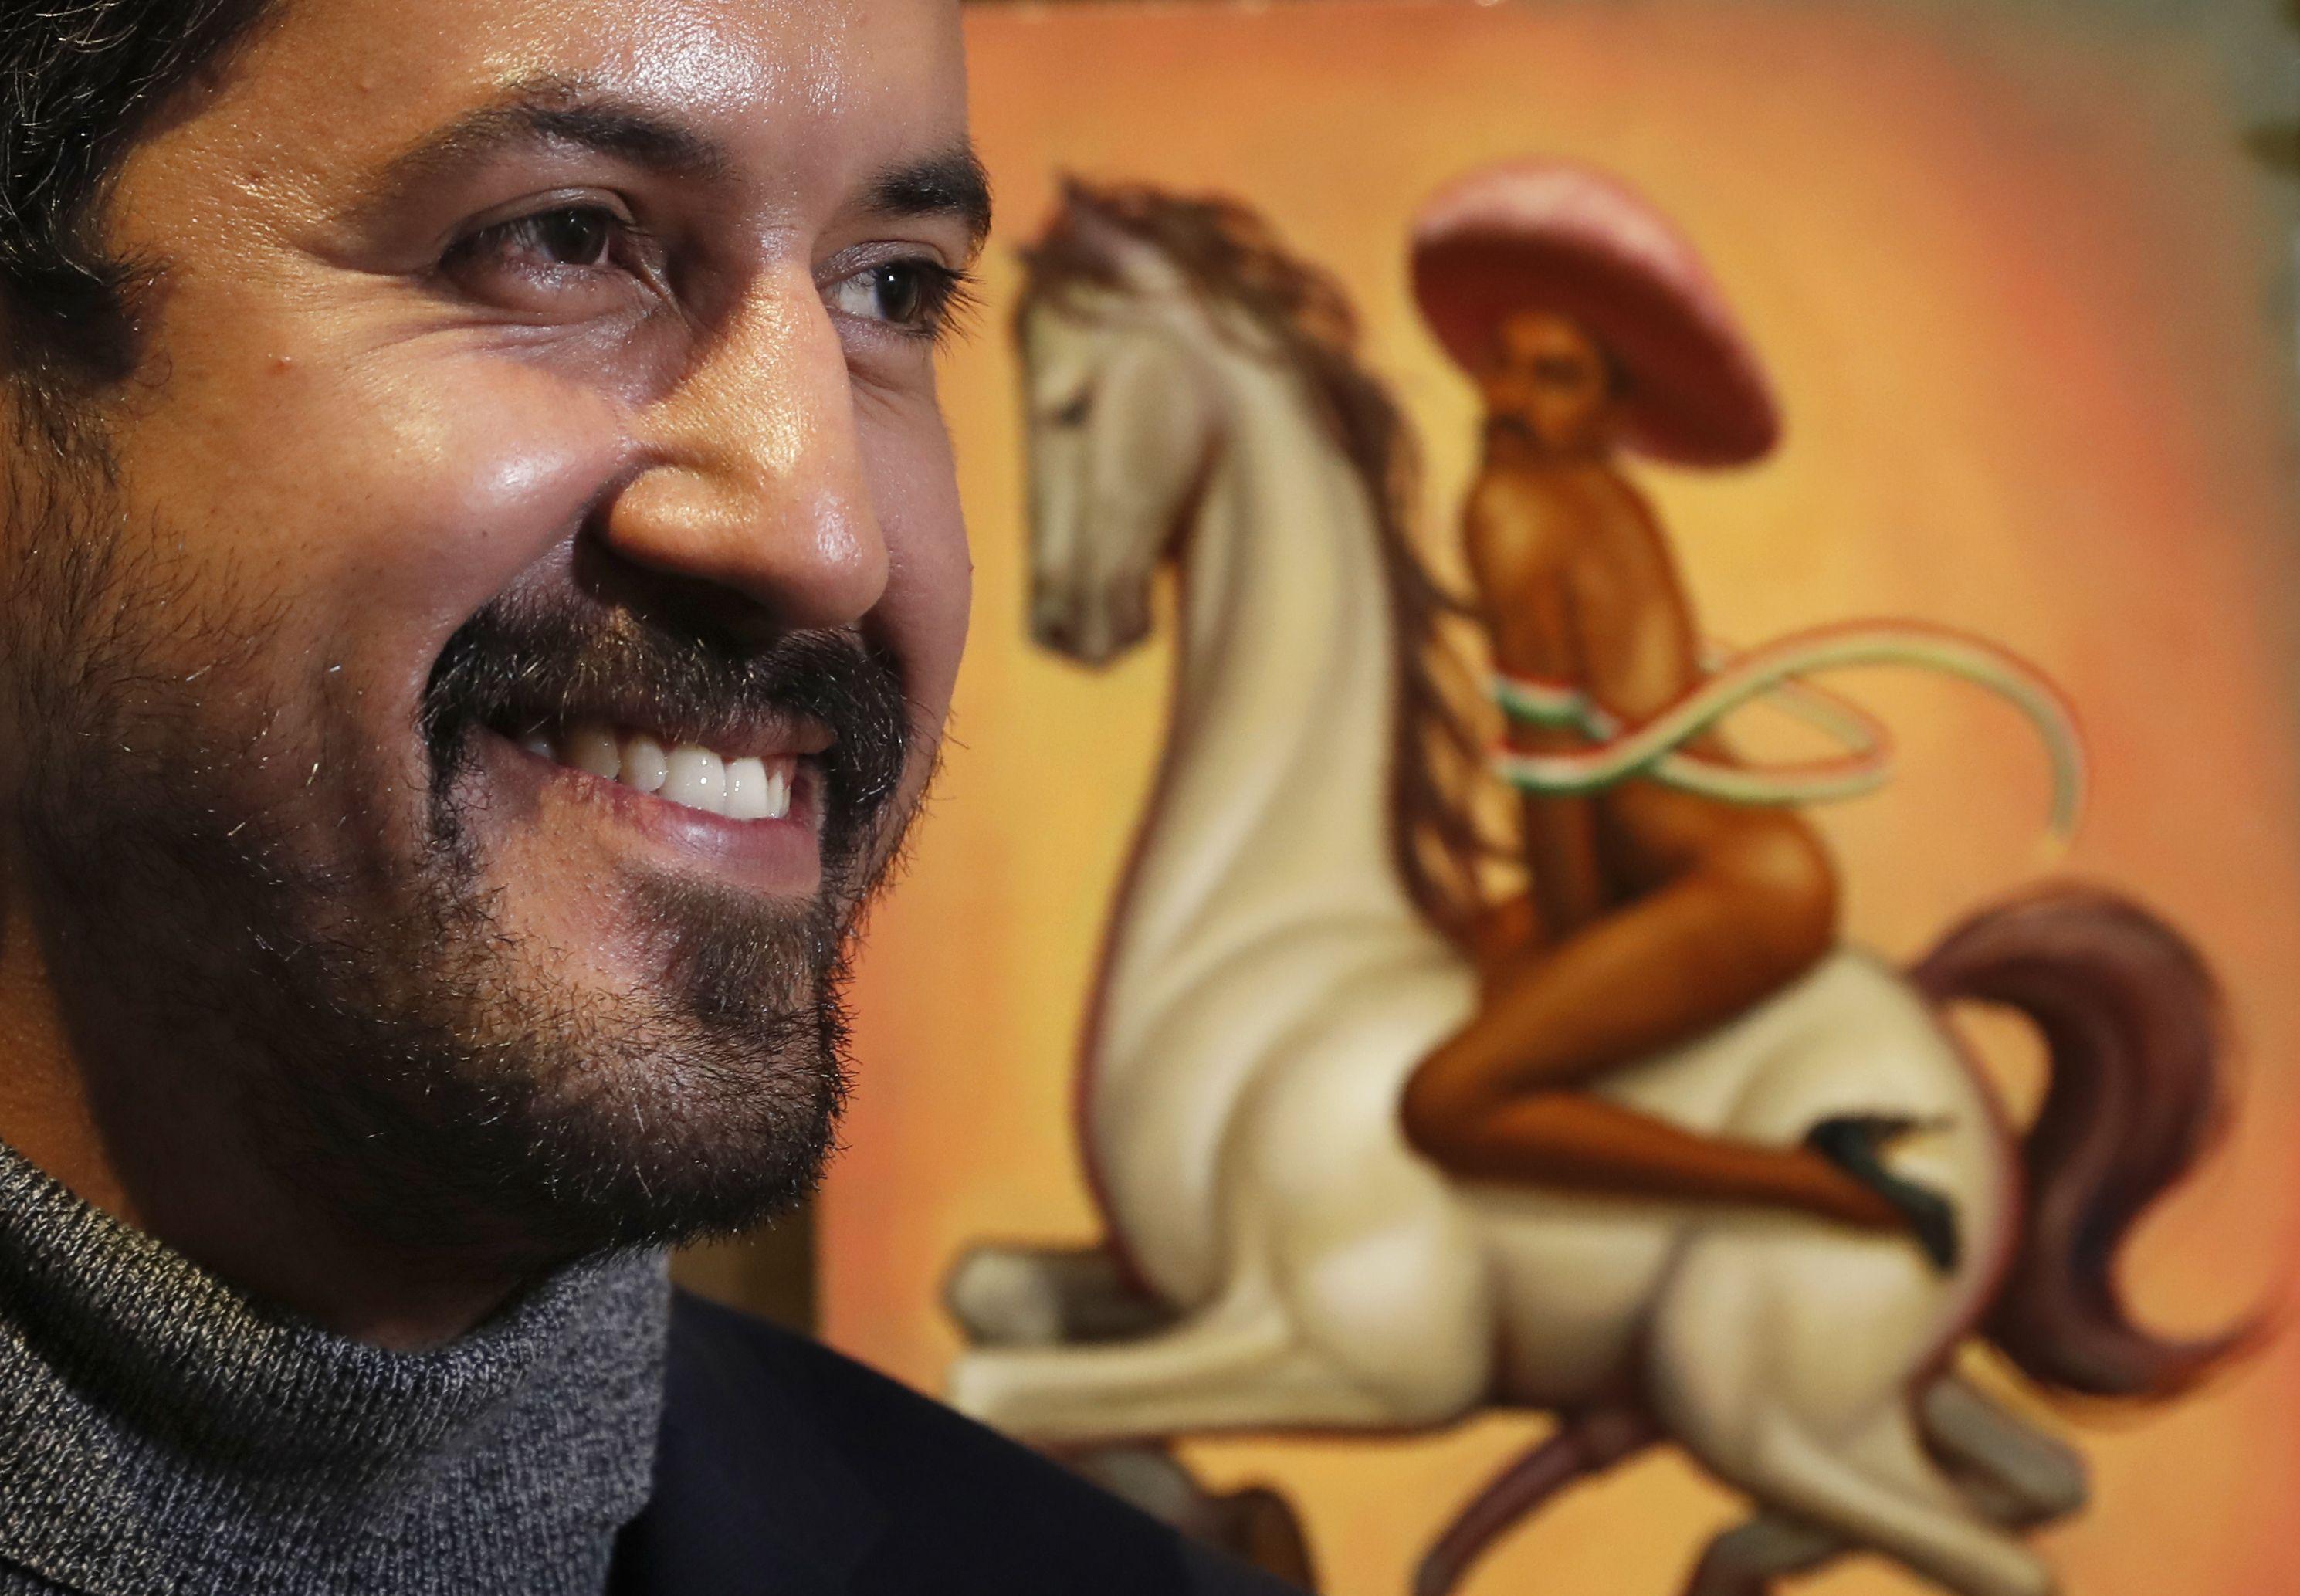 المكسيك وعائلة الثوري زاباتا تتوصلان لاتفاق بشأن لوحة مثيرة للجدل